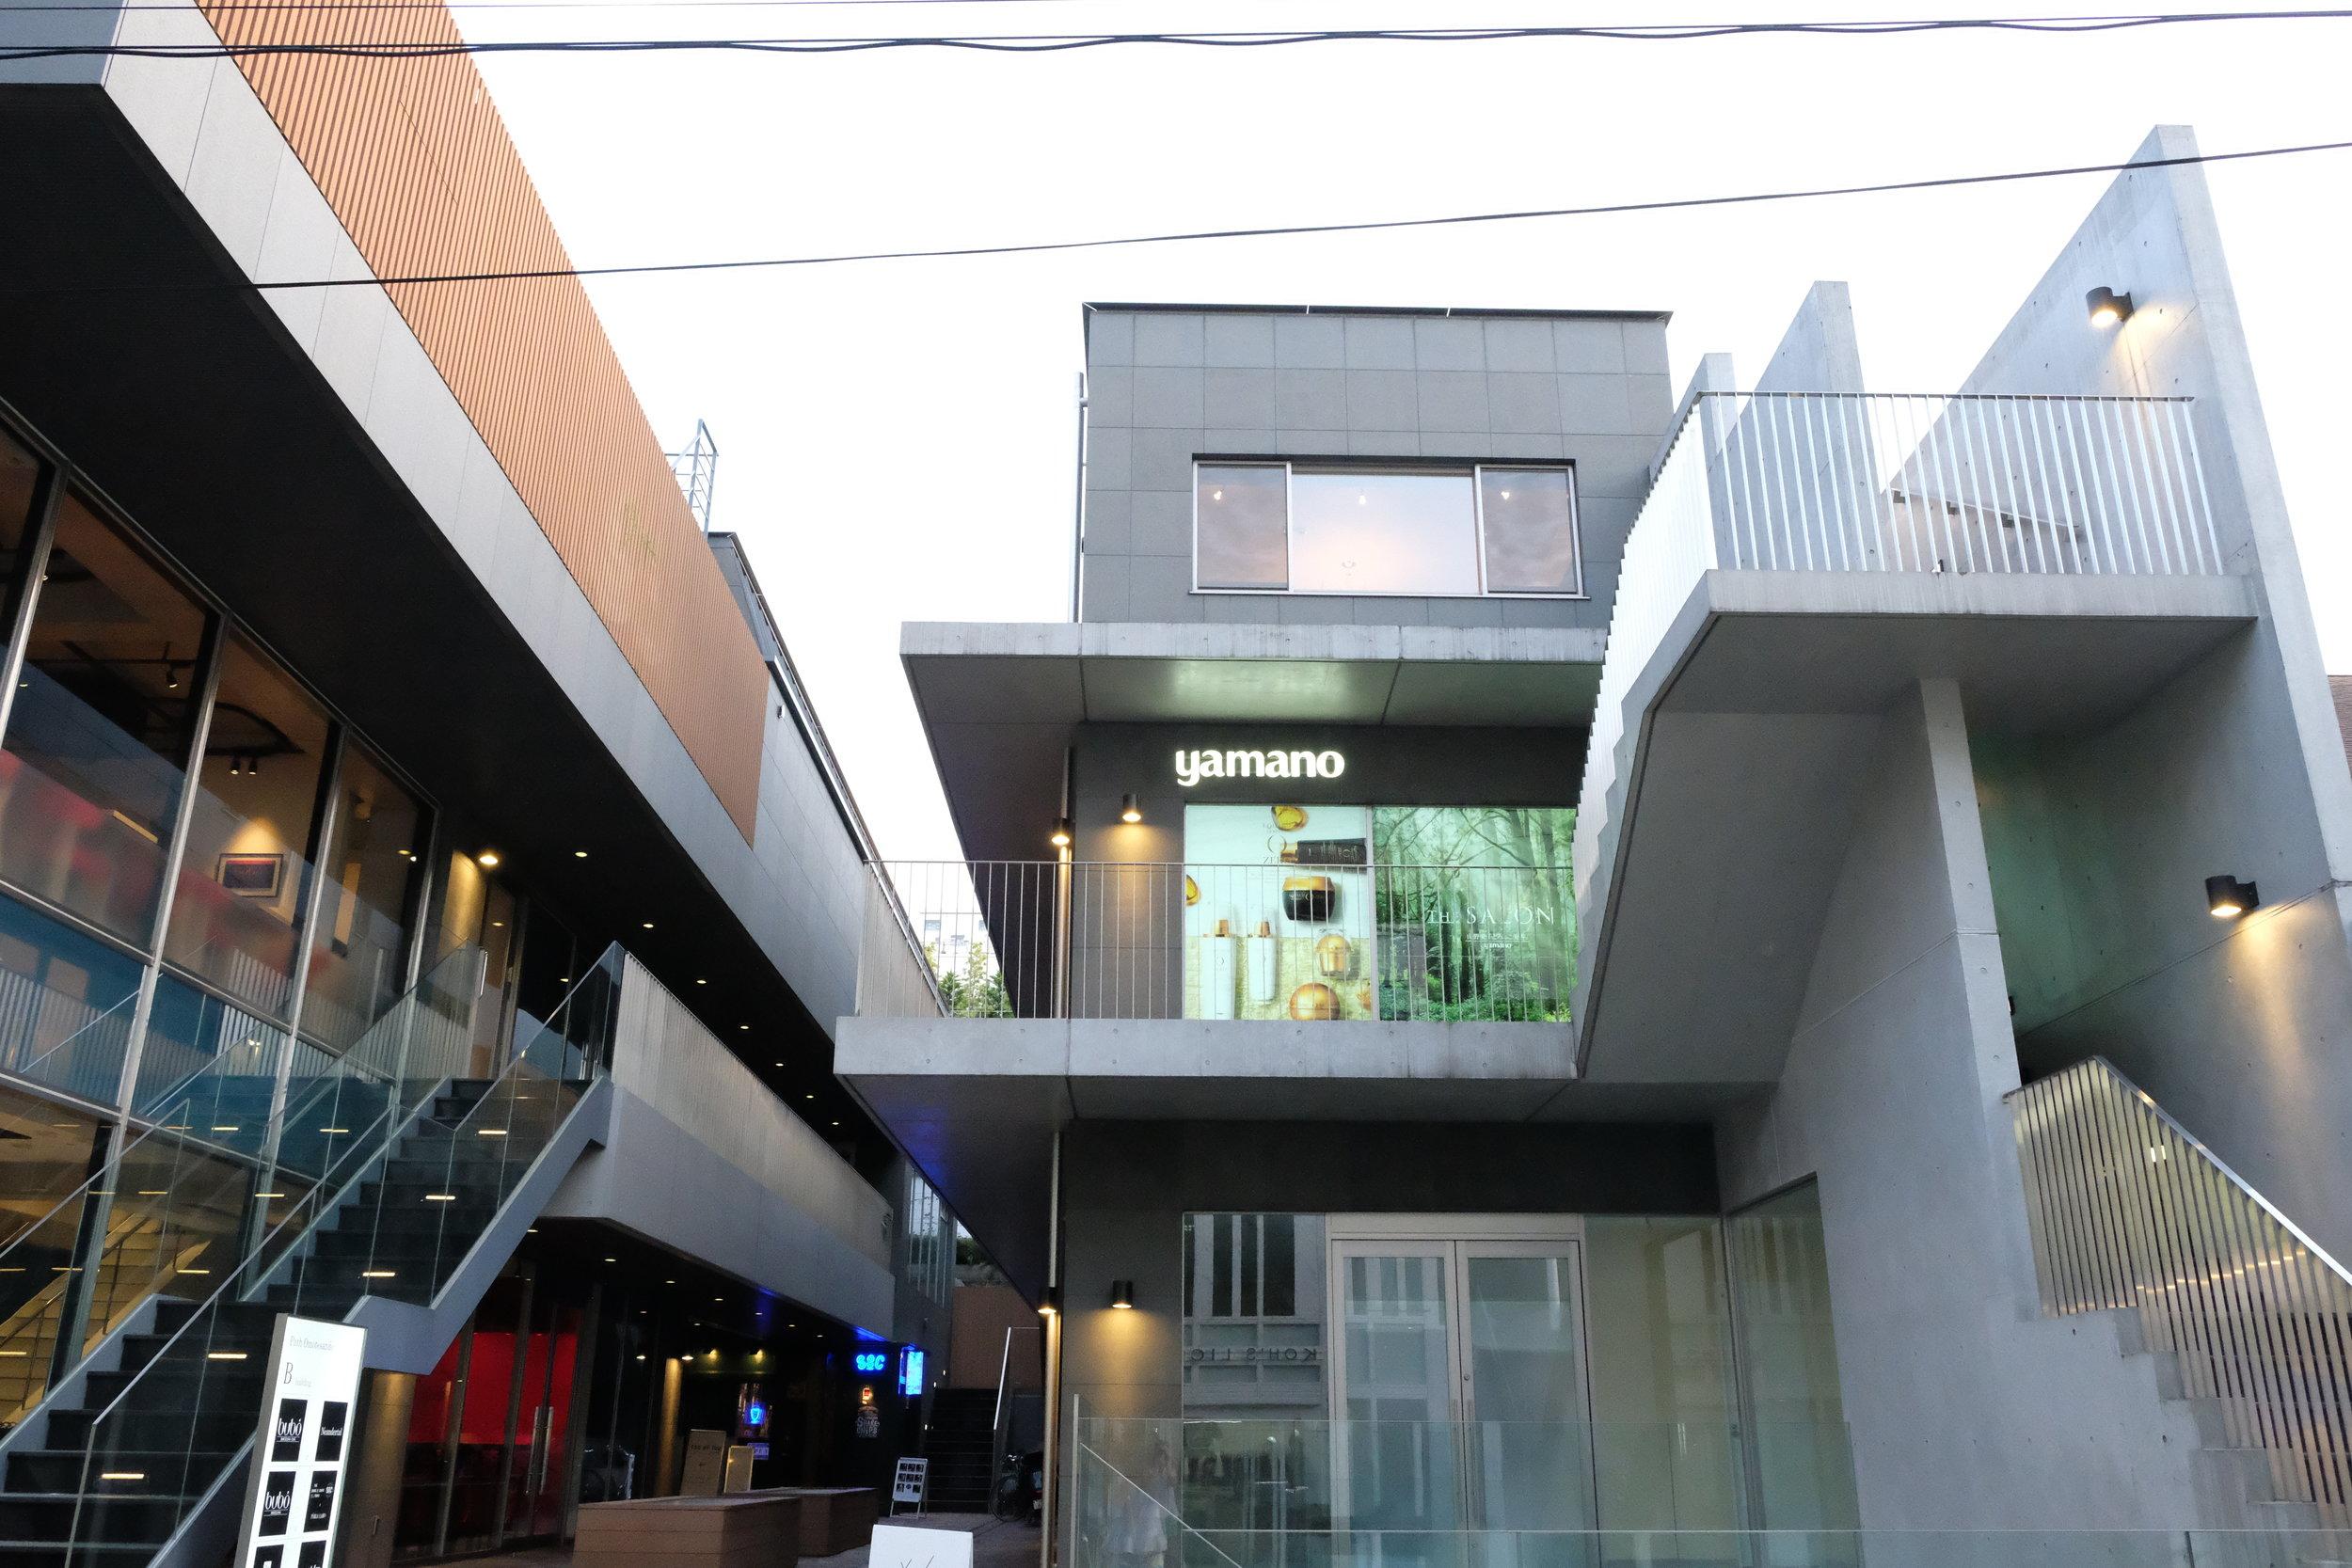 Tokyo_Omotesando_DSCF0593.JPG